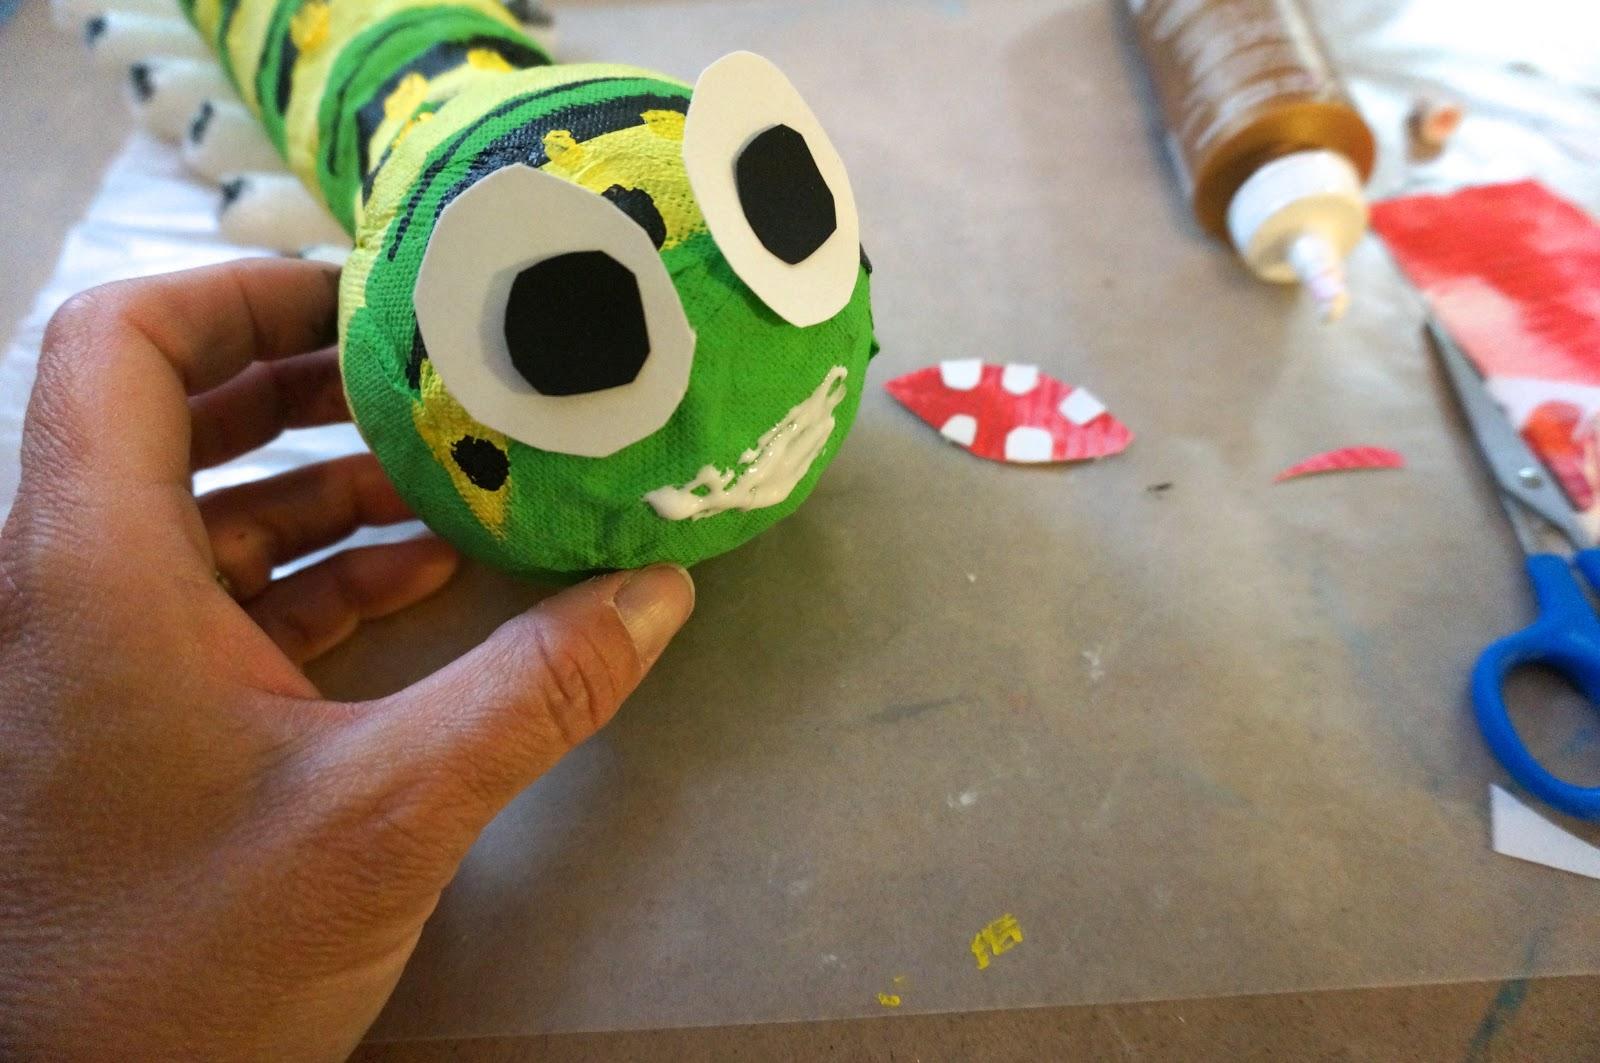 Гусеница из носка своими руками - Учебно-методический кабинет 39